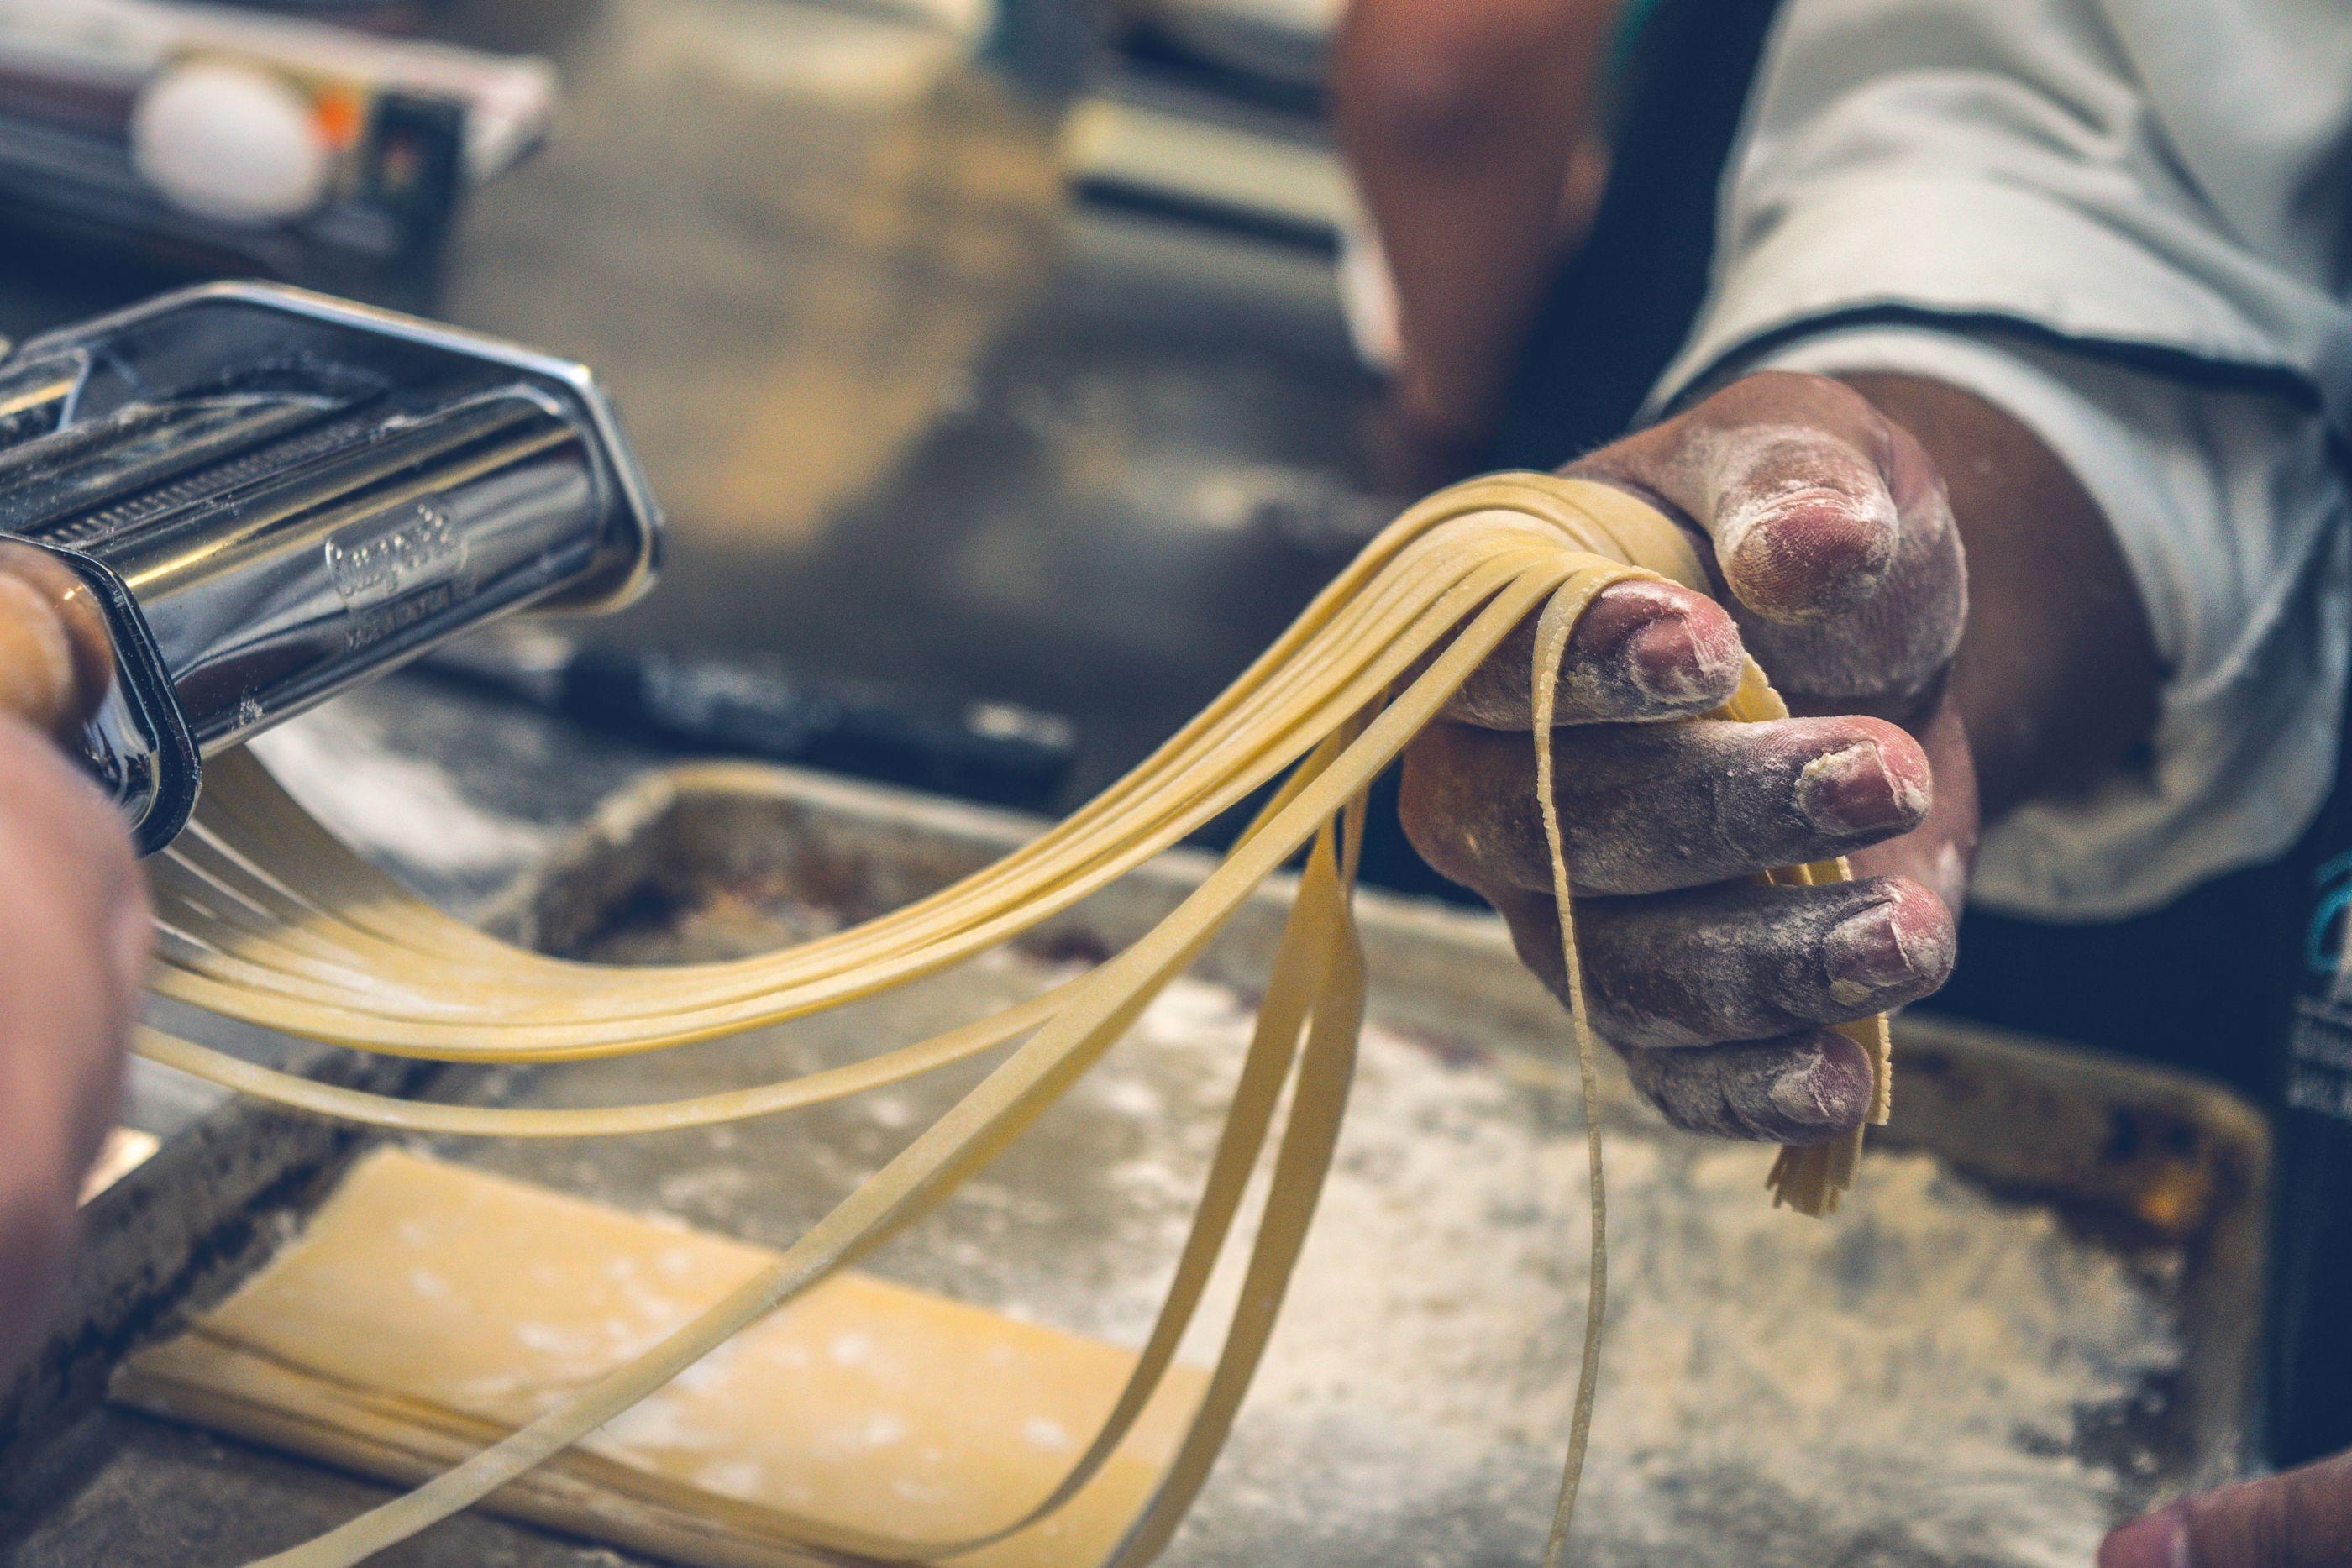 7 restaurantes que hacen su propia pasta artesanal en la CDMX